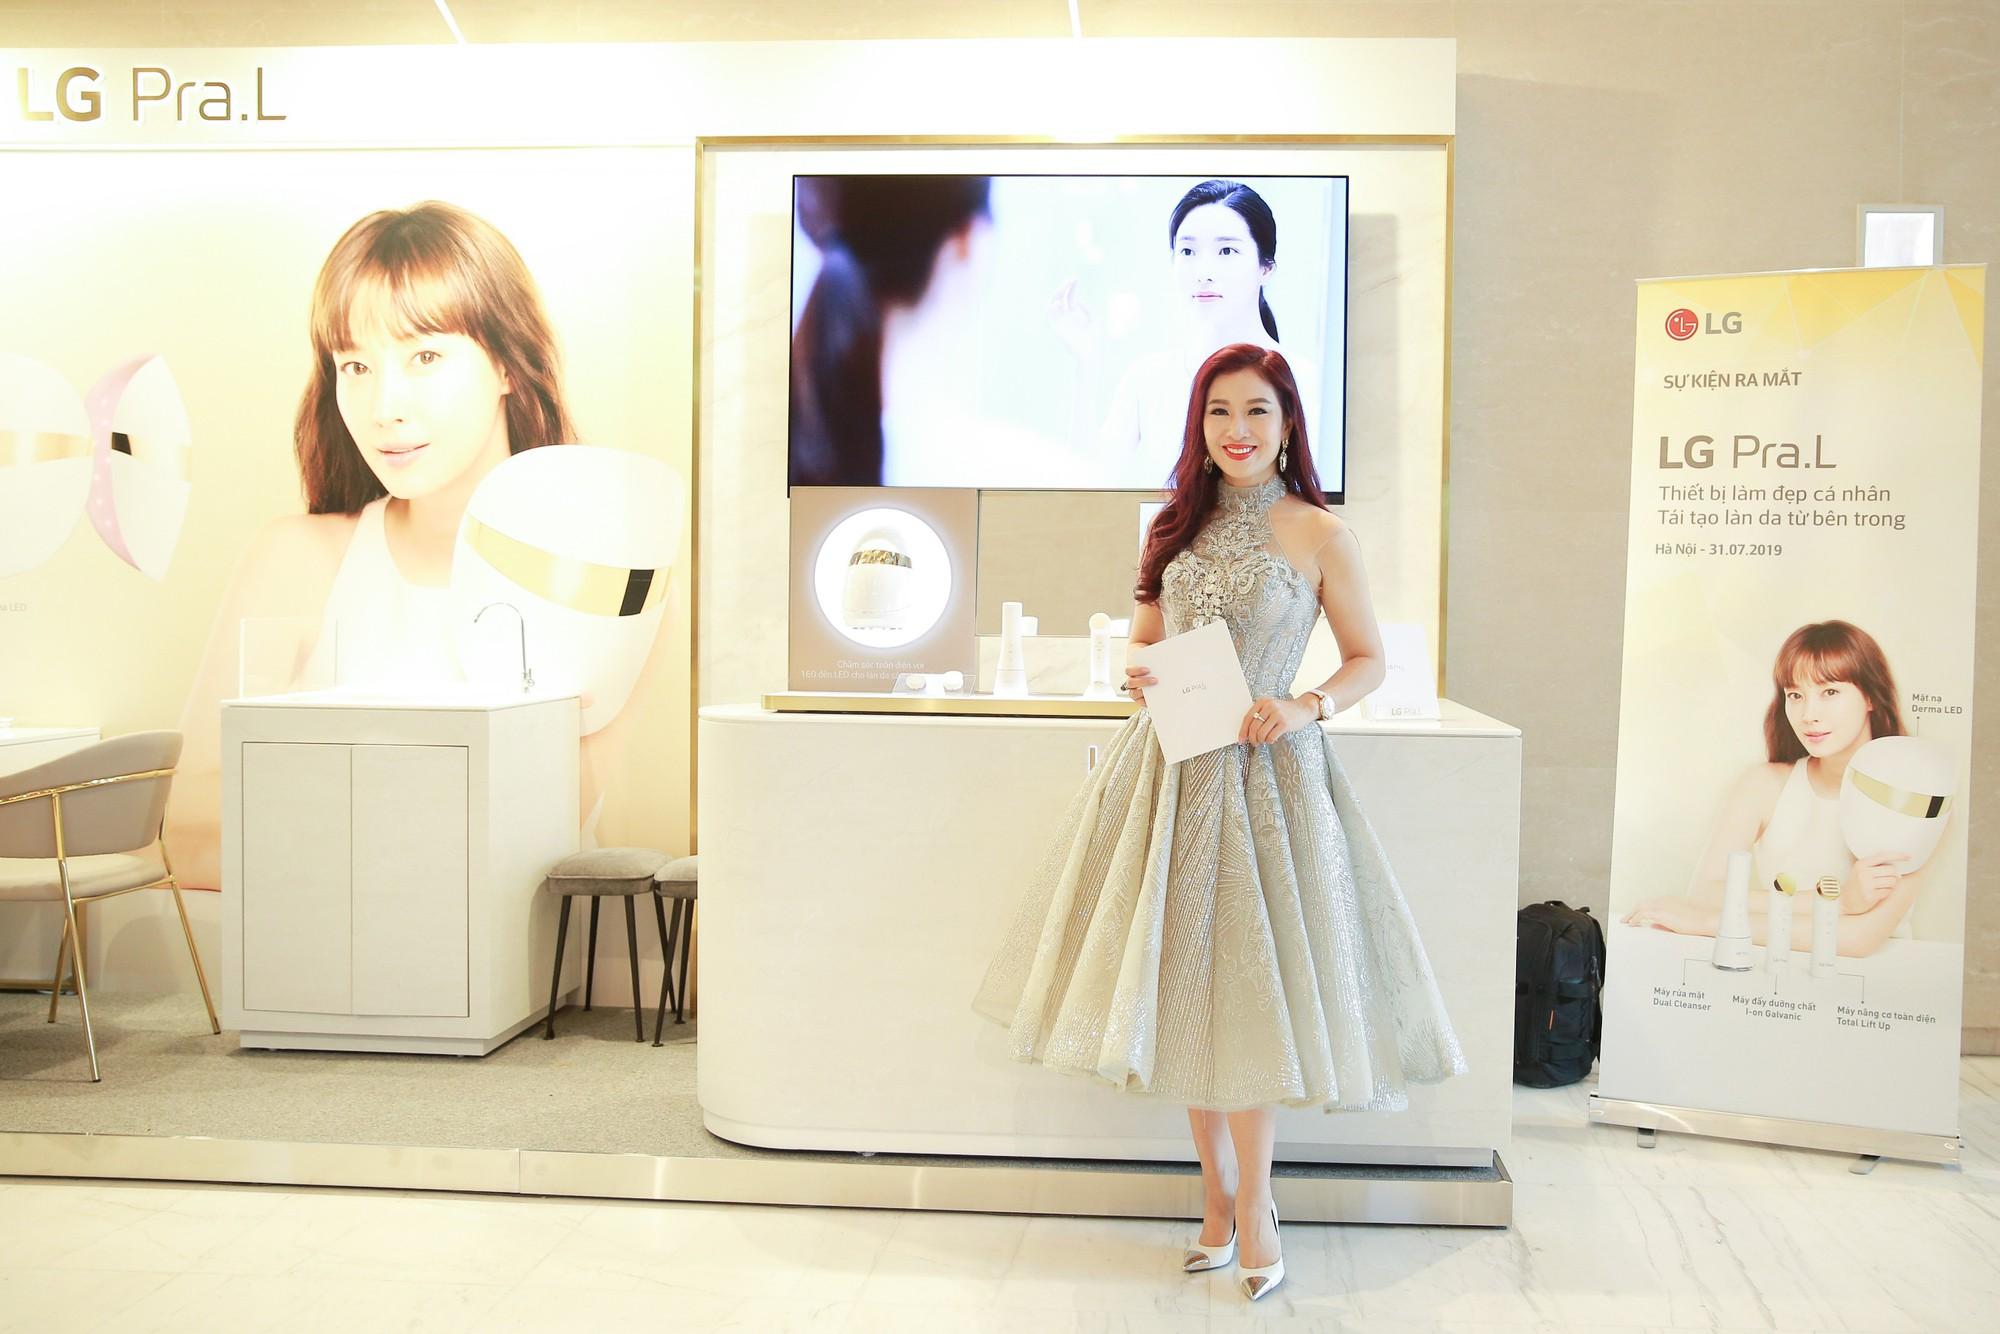 Hariwon, Helly Tống, Sĩ Thanh cùng dàn hoa hậu Việt hào hứng trải nghiệm dòng sản phẩm công nghệ làm đẹp độc đáo - Ảnh 2.